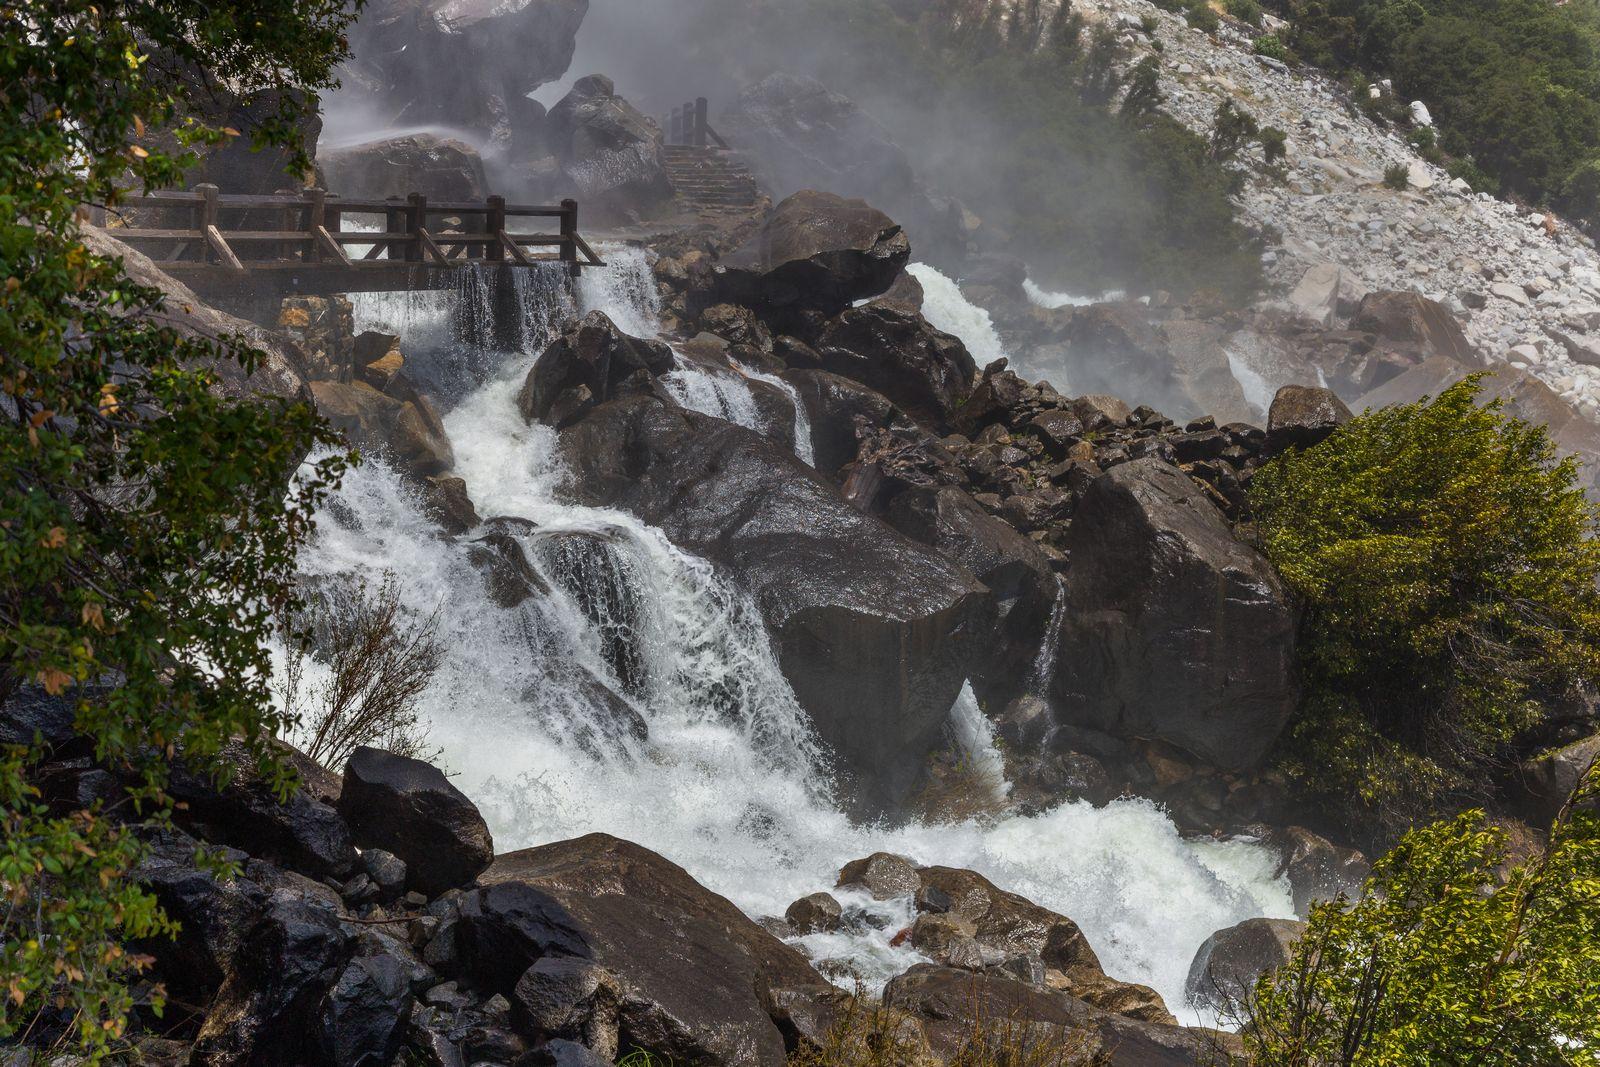 El agua inundando los puentes